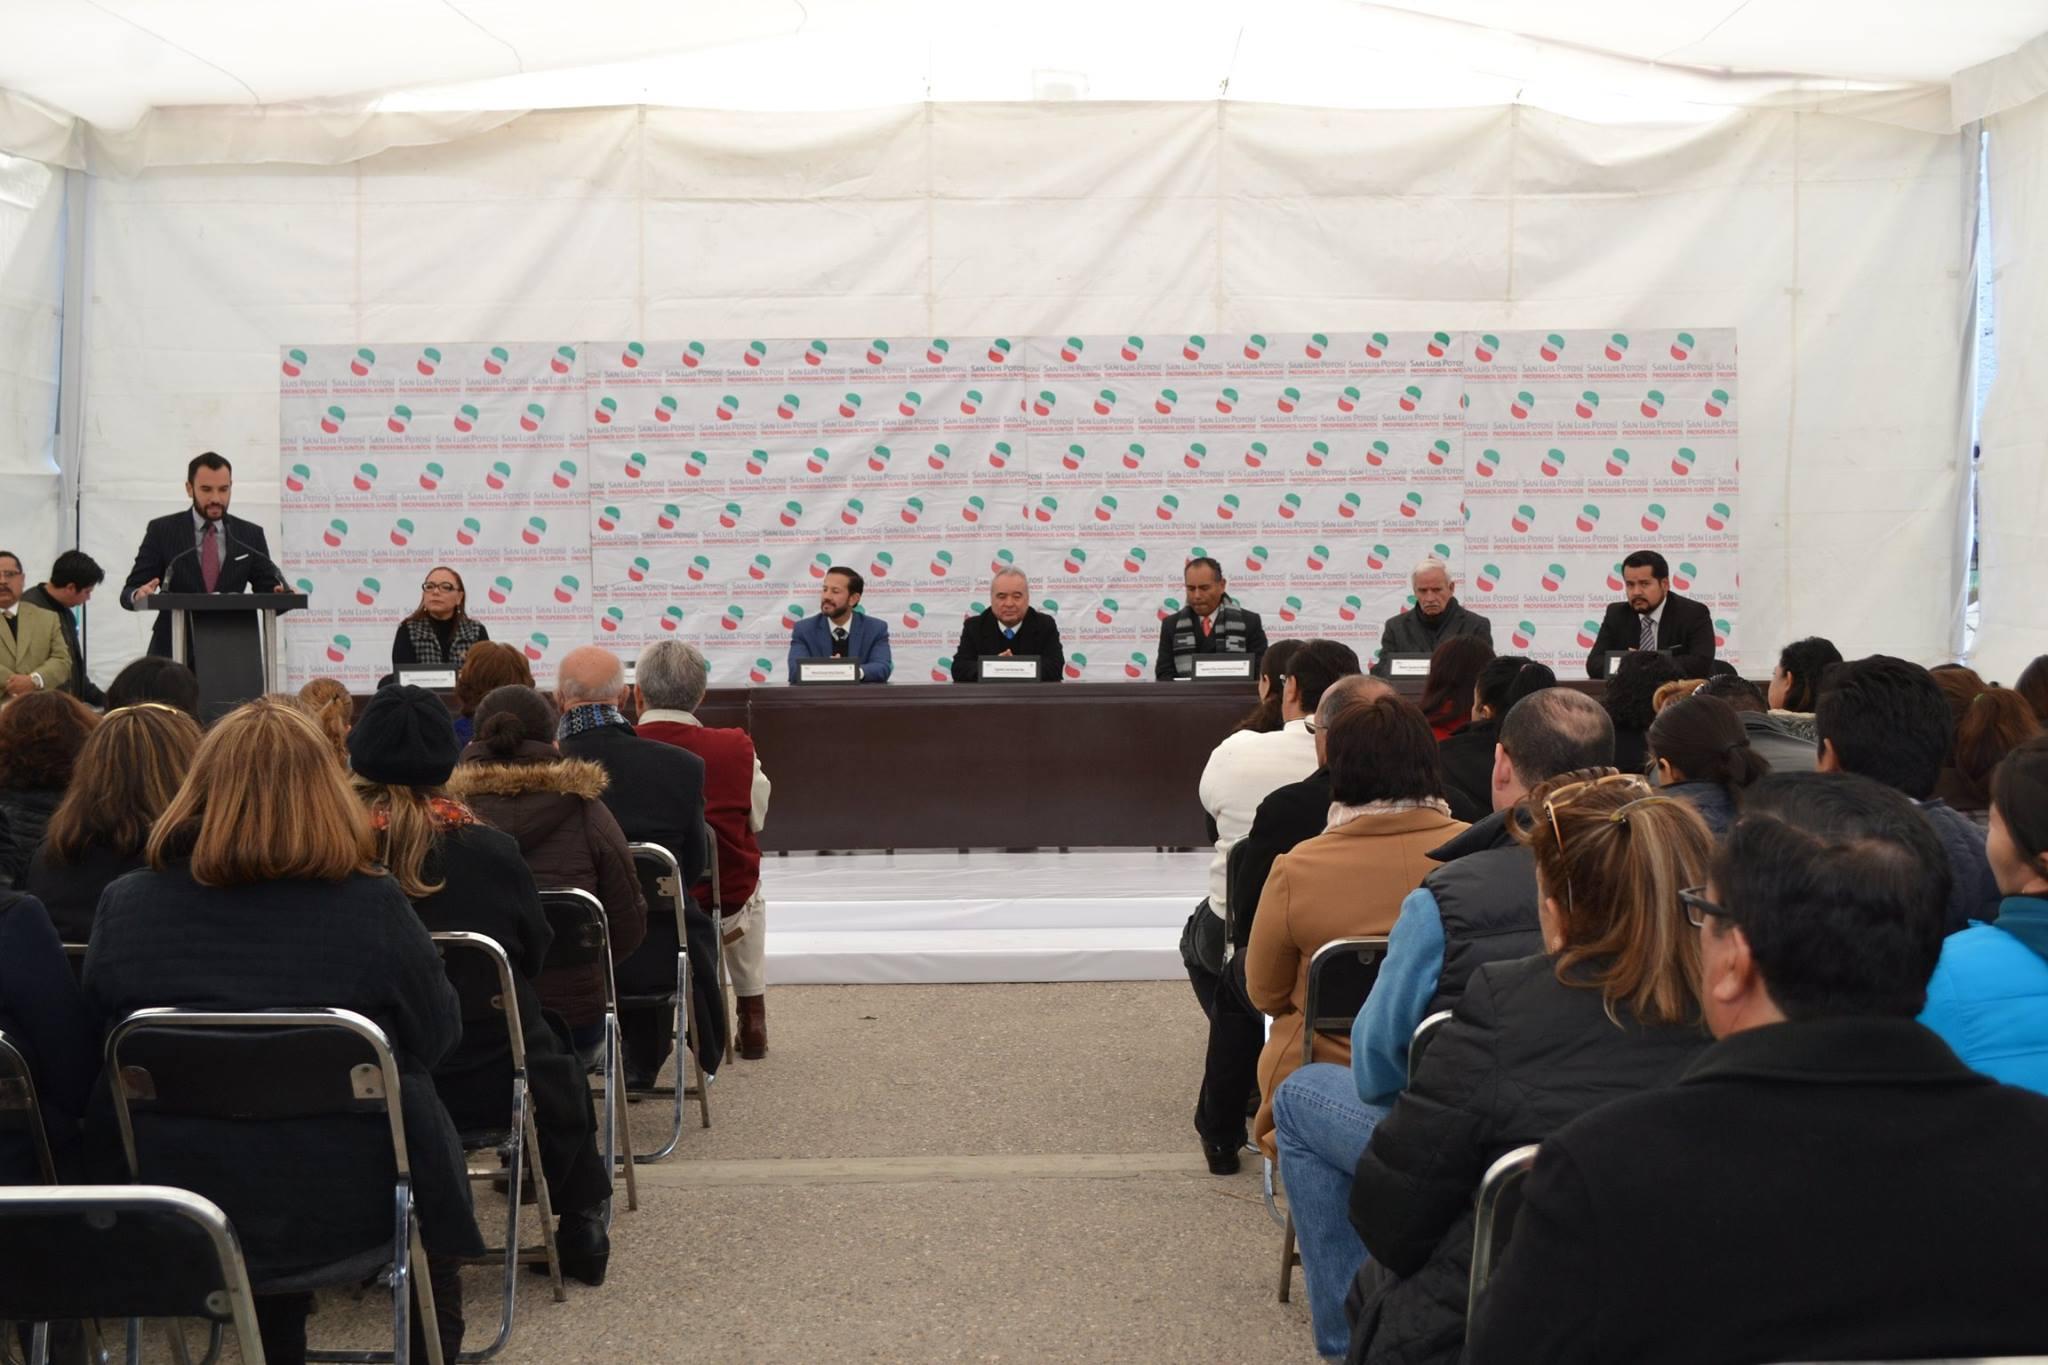 Conferencia del programa Recicla para leer de la Conaliteg, en el estado de San Luis Potosí